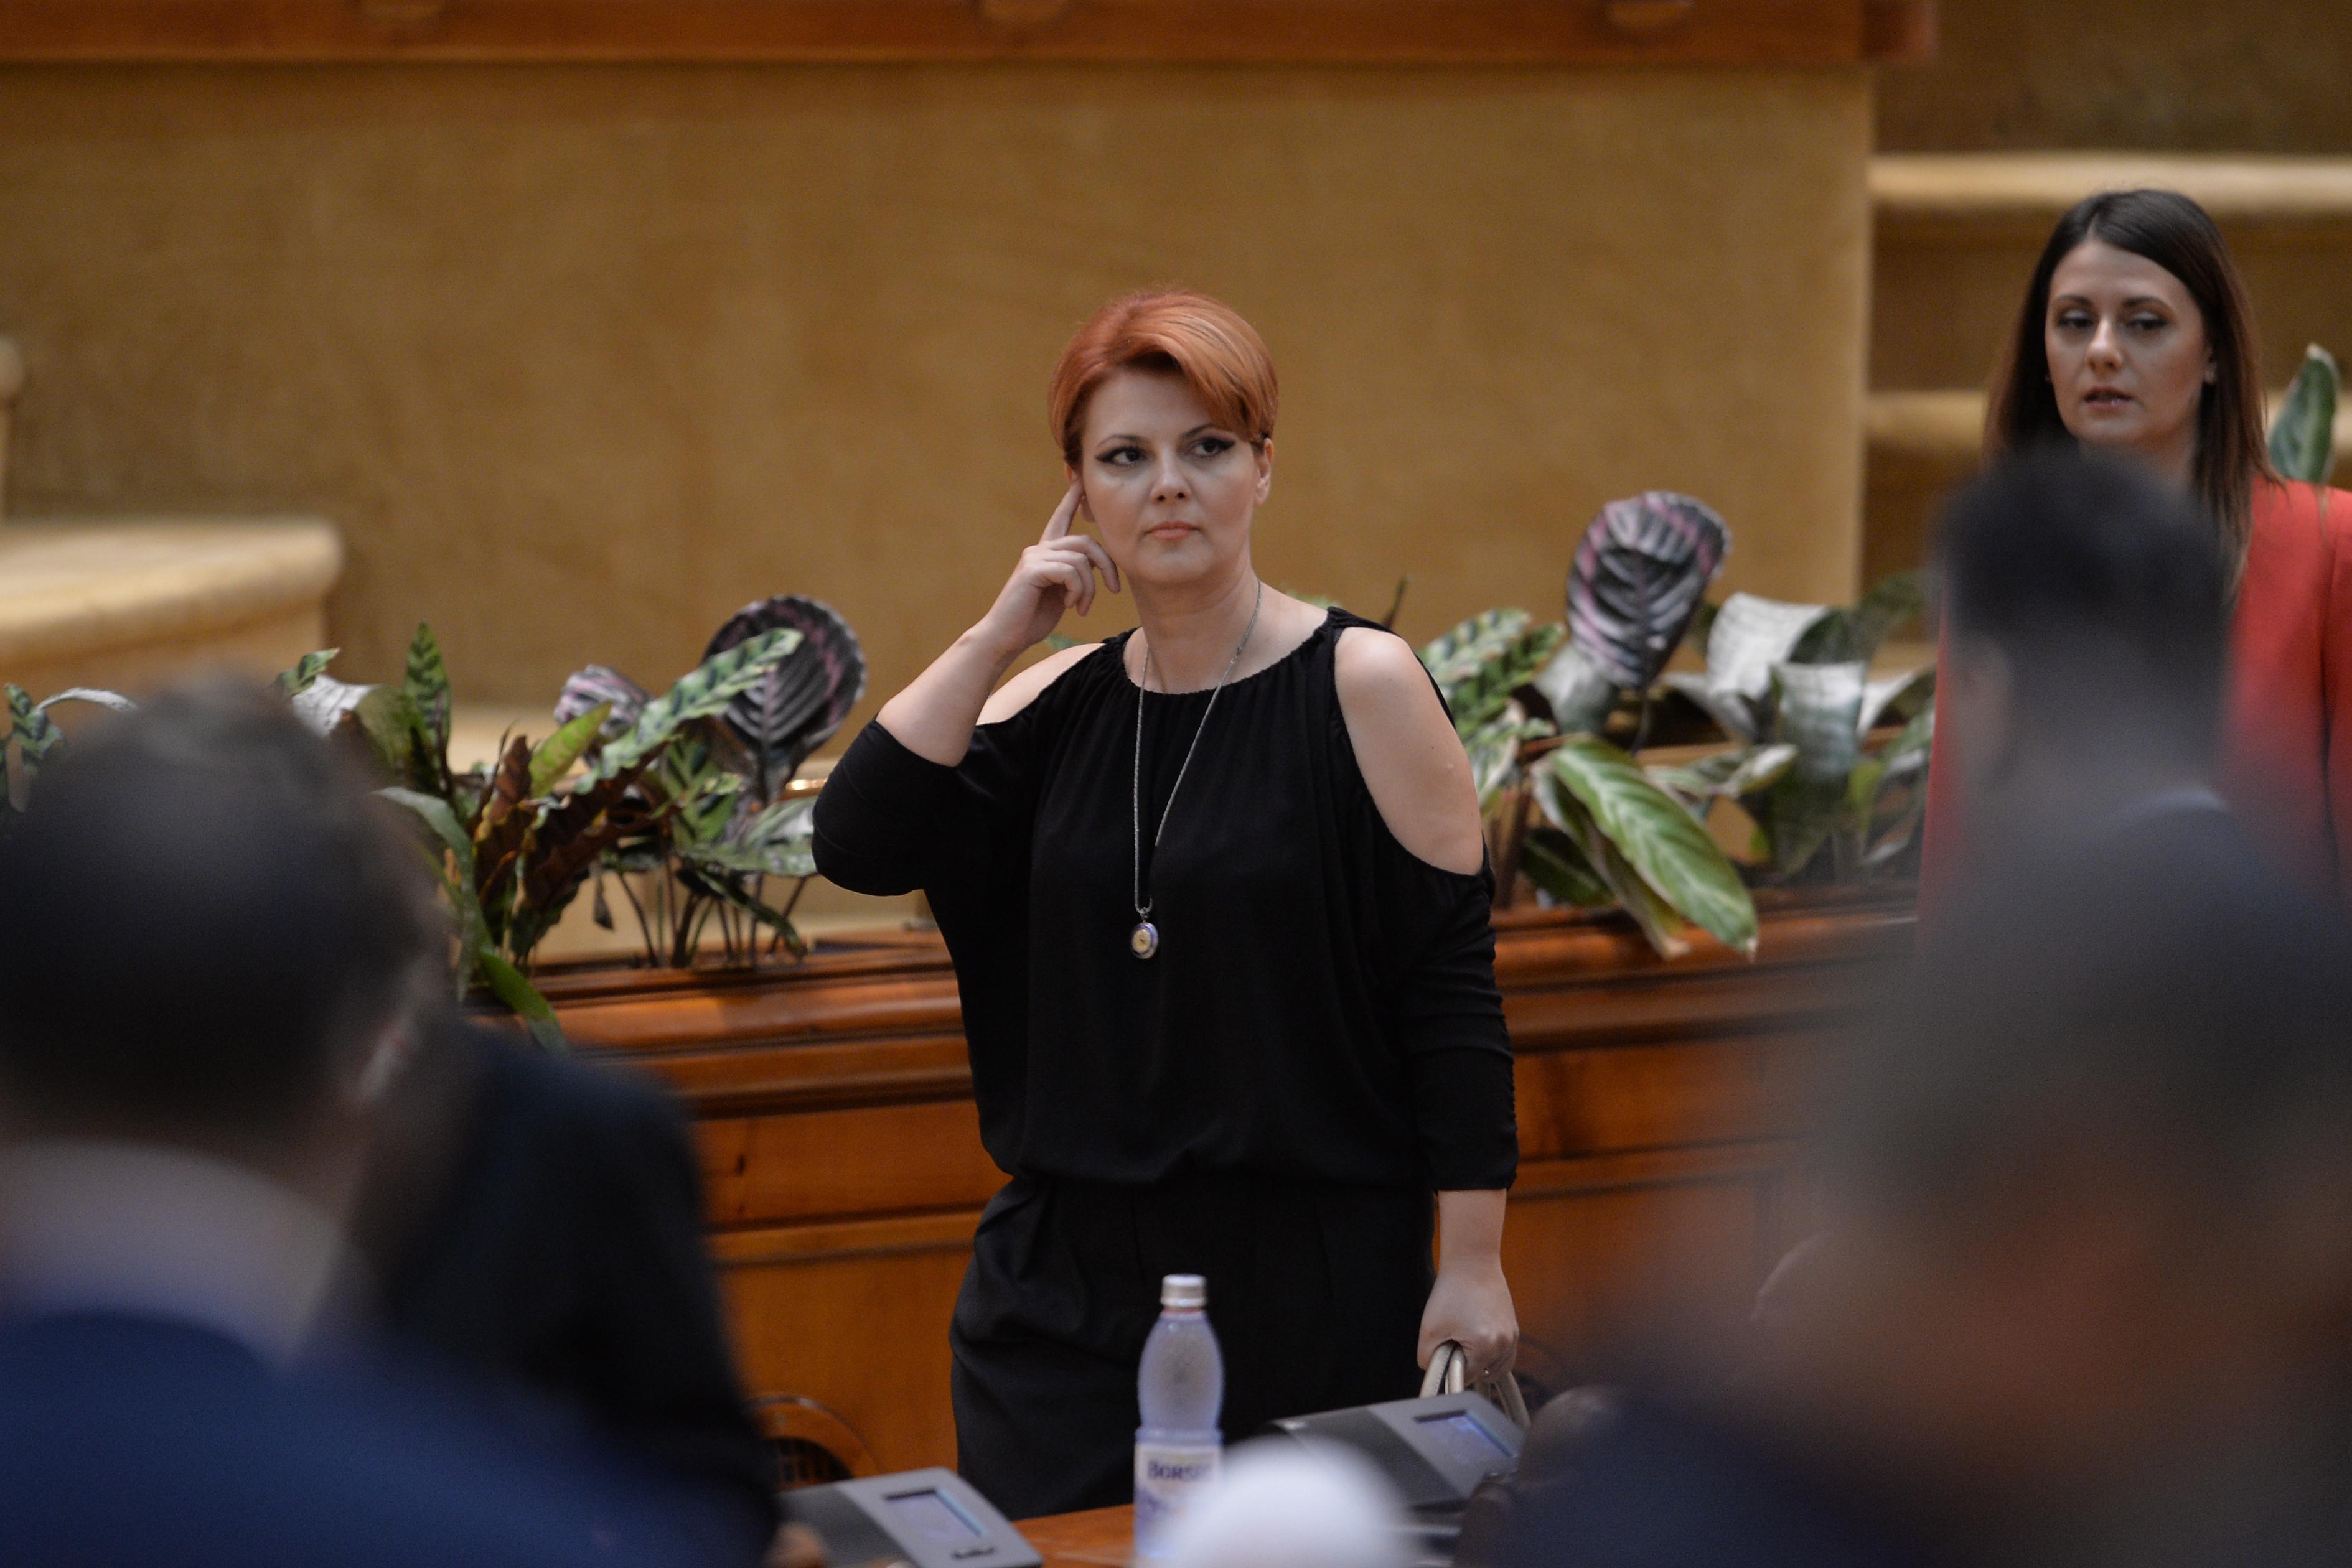 Dragnea, la inaugurarea noului spital din Craiova, ironii despre dosarul Olguţei Vasilescu: Sper să rămână în picioare